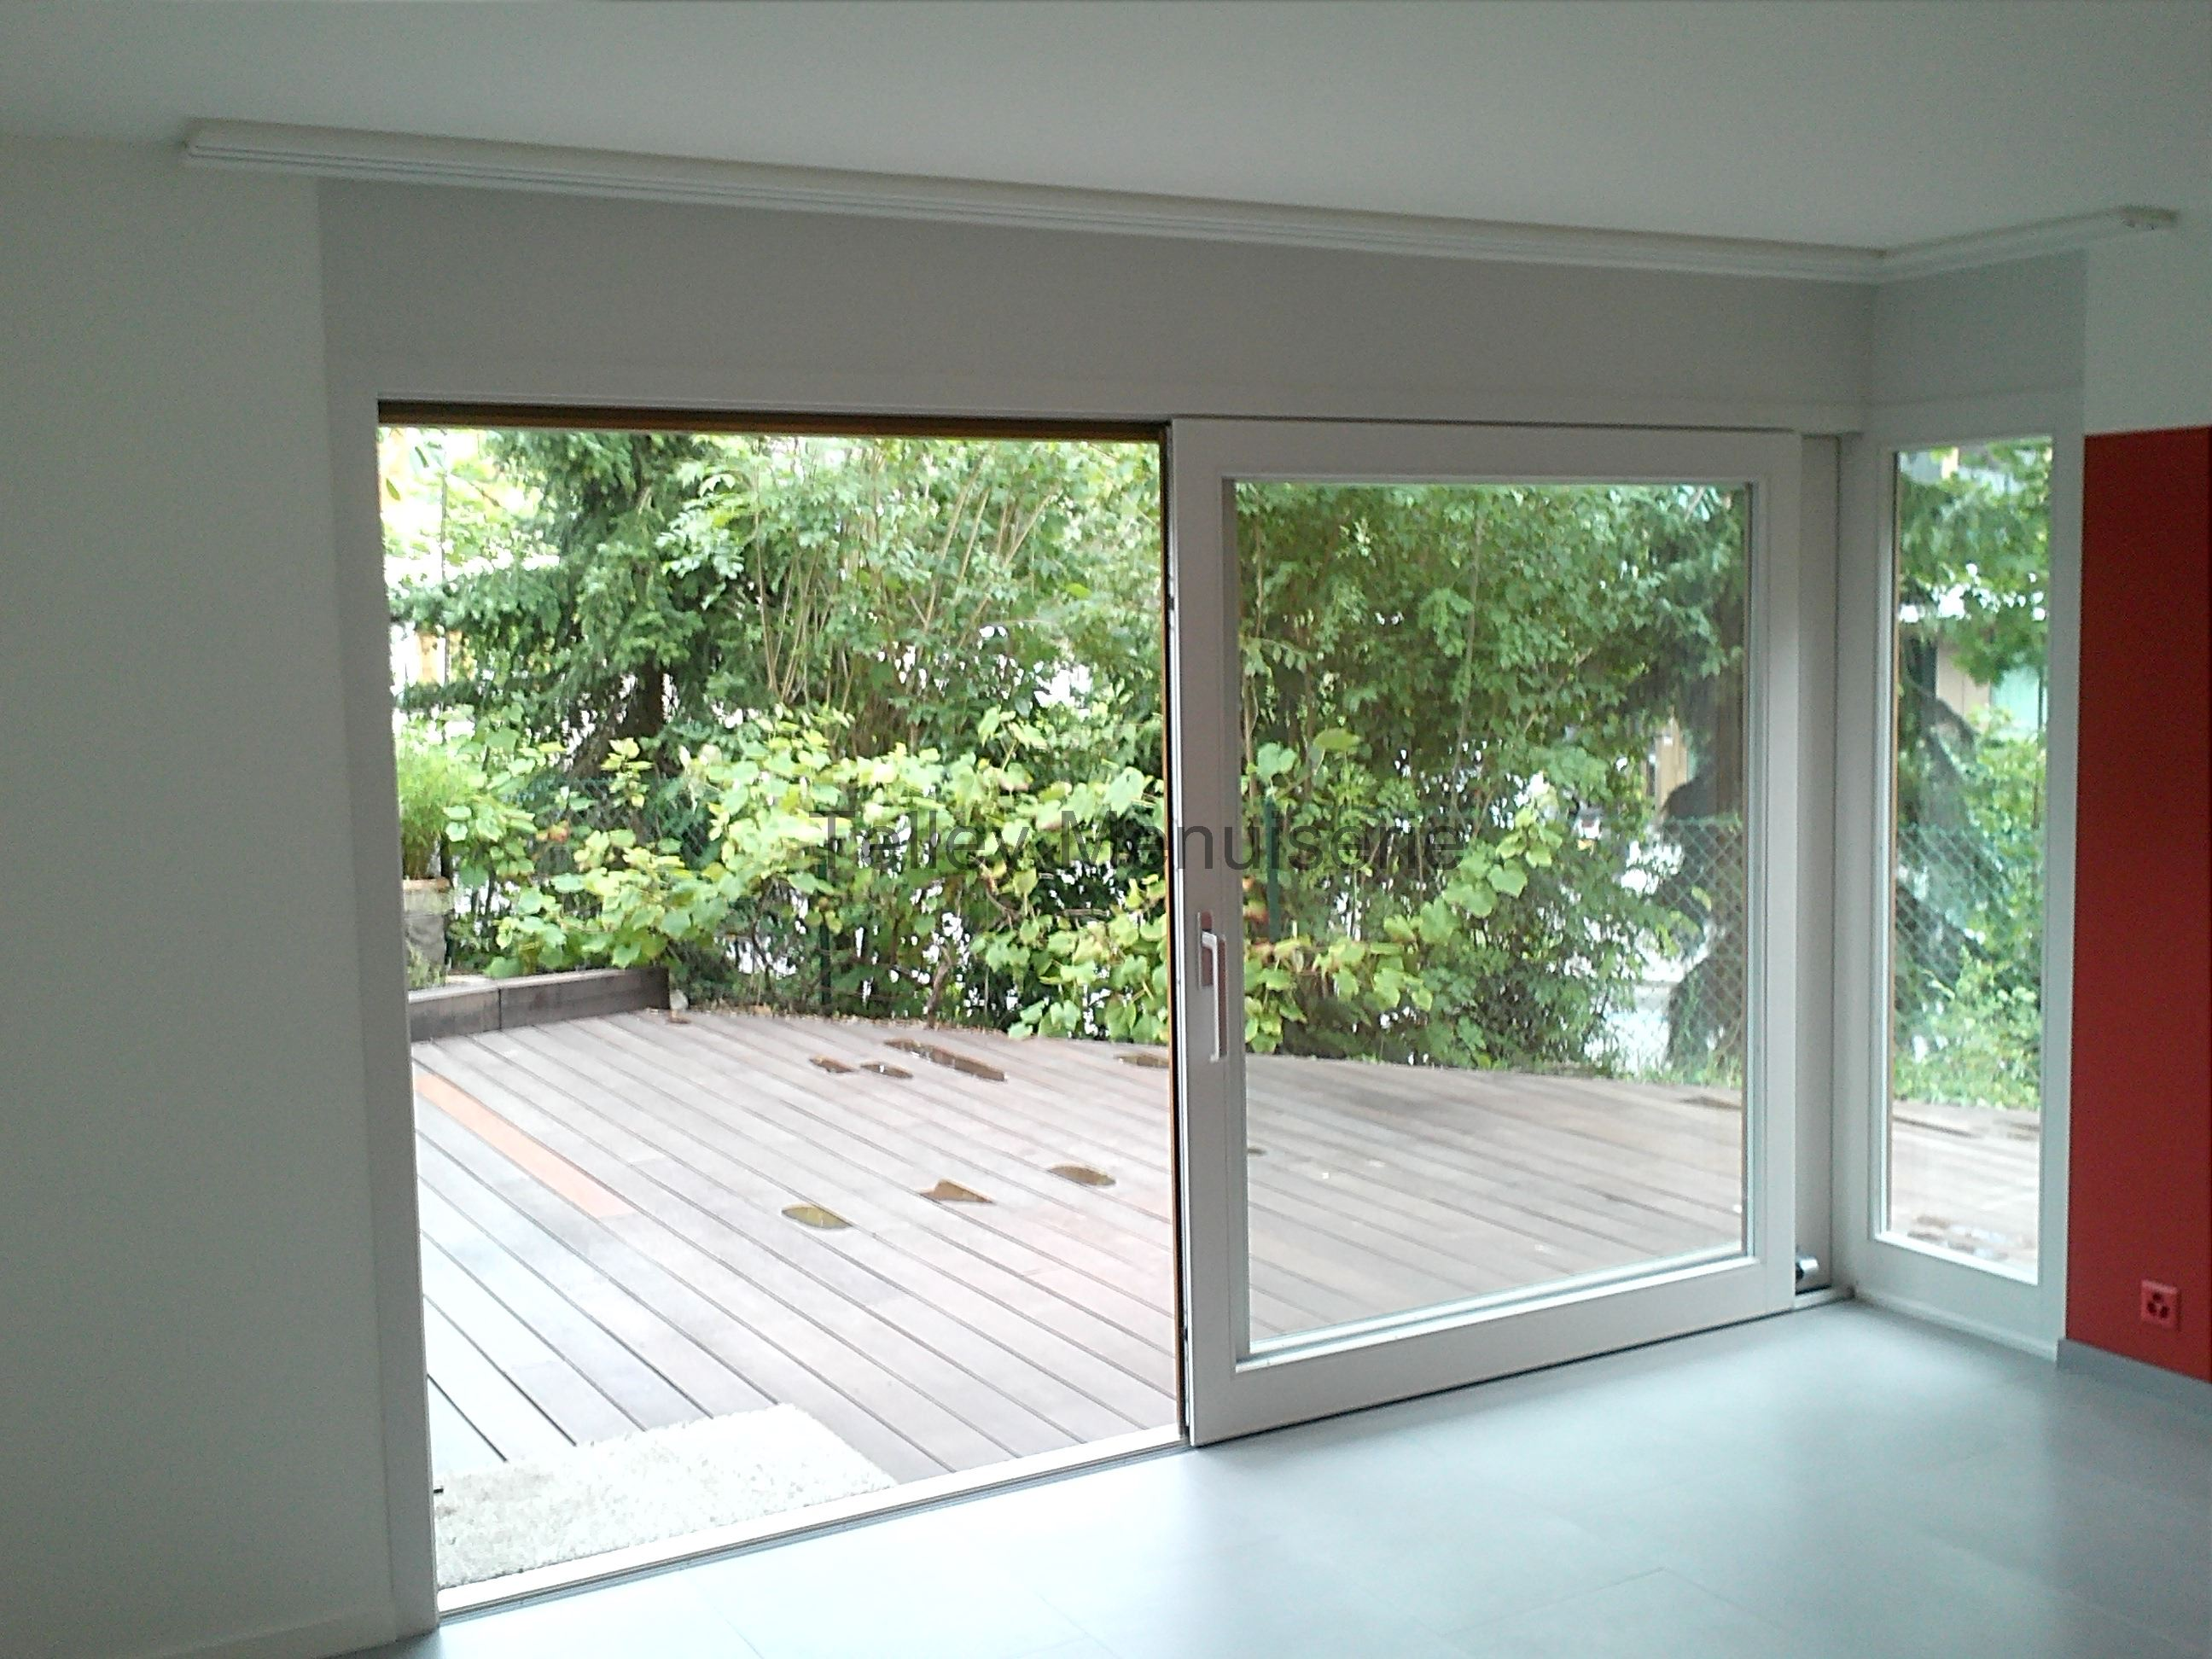 baie vitre sur mesure best fentres et baies galandage picto vitres with baie vitre sur mesure. Black Bedroom Furniture Sets. Home Design Ideas